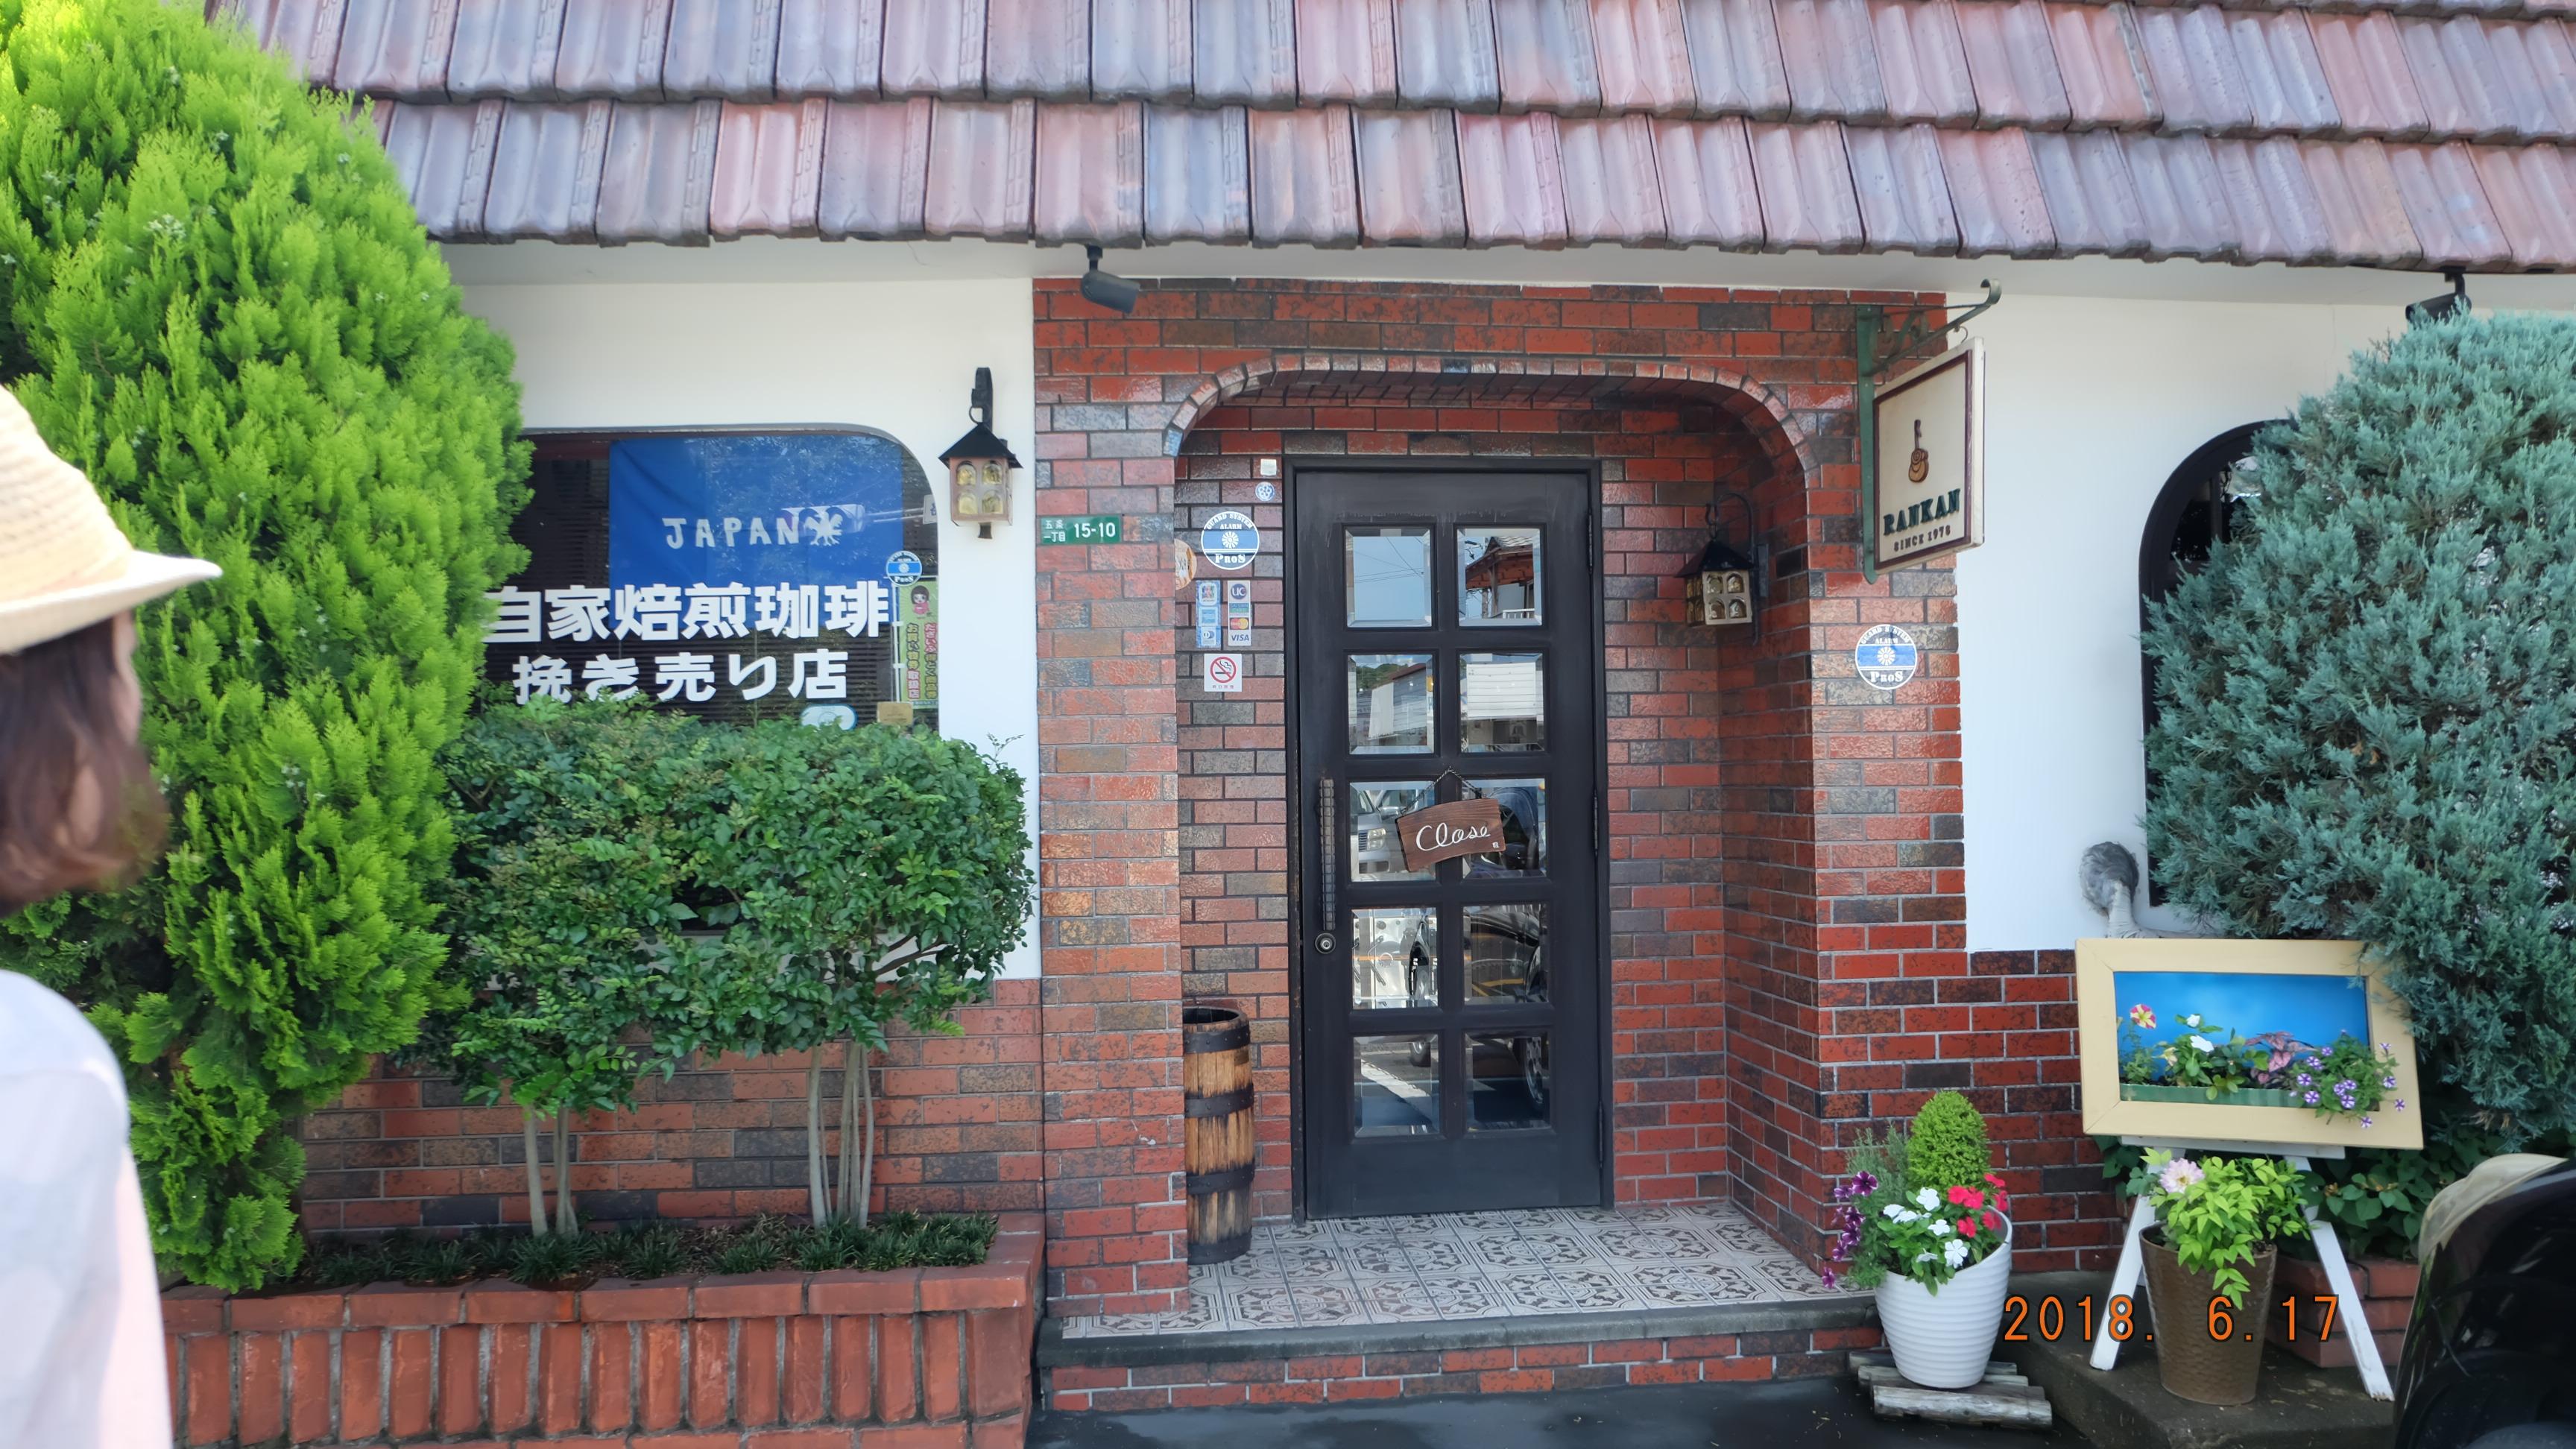 후쿠오카 여름: 차 한잔의 행복